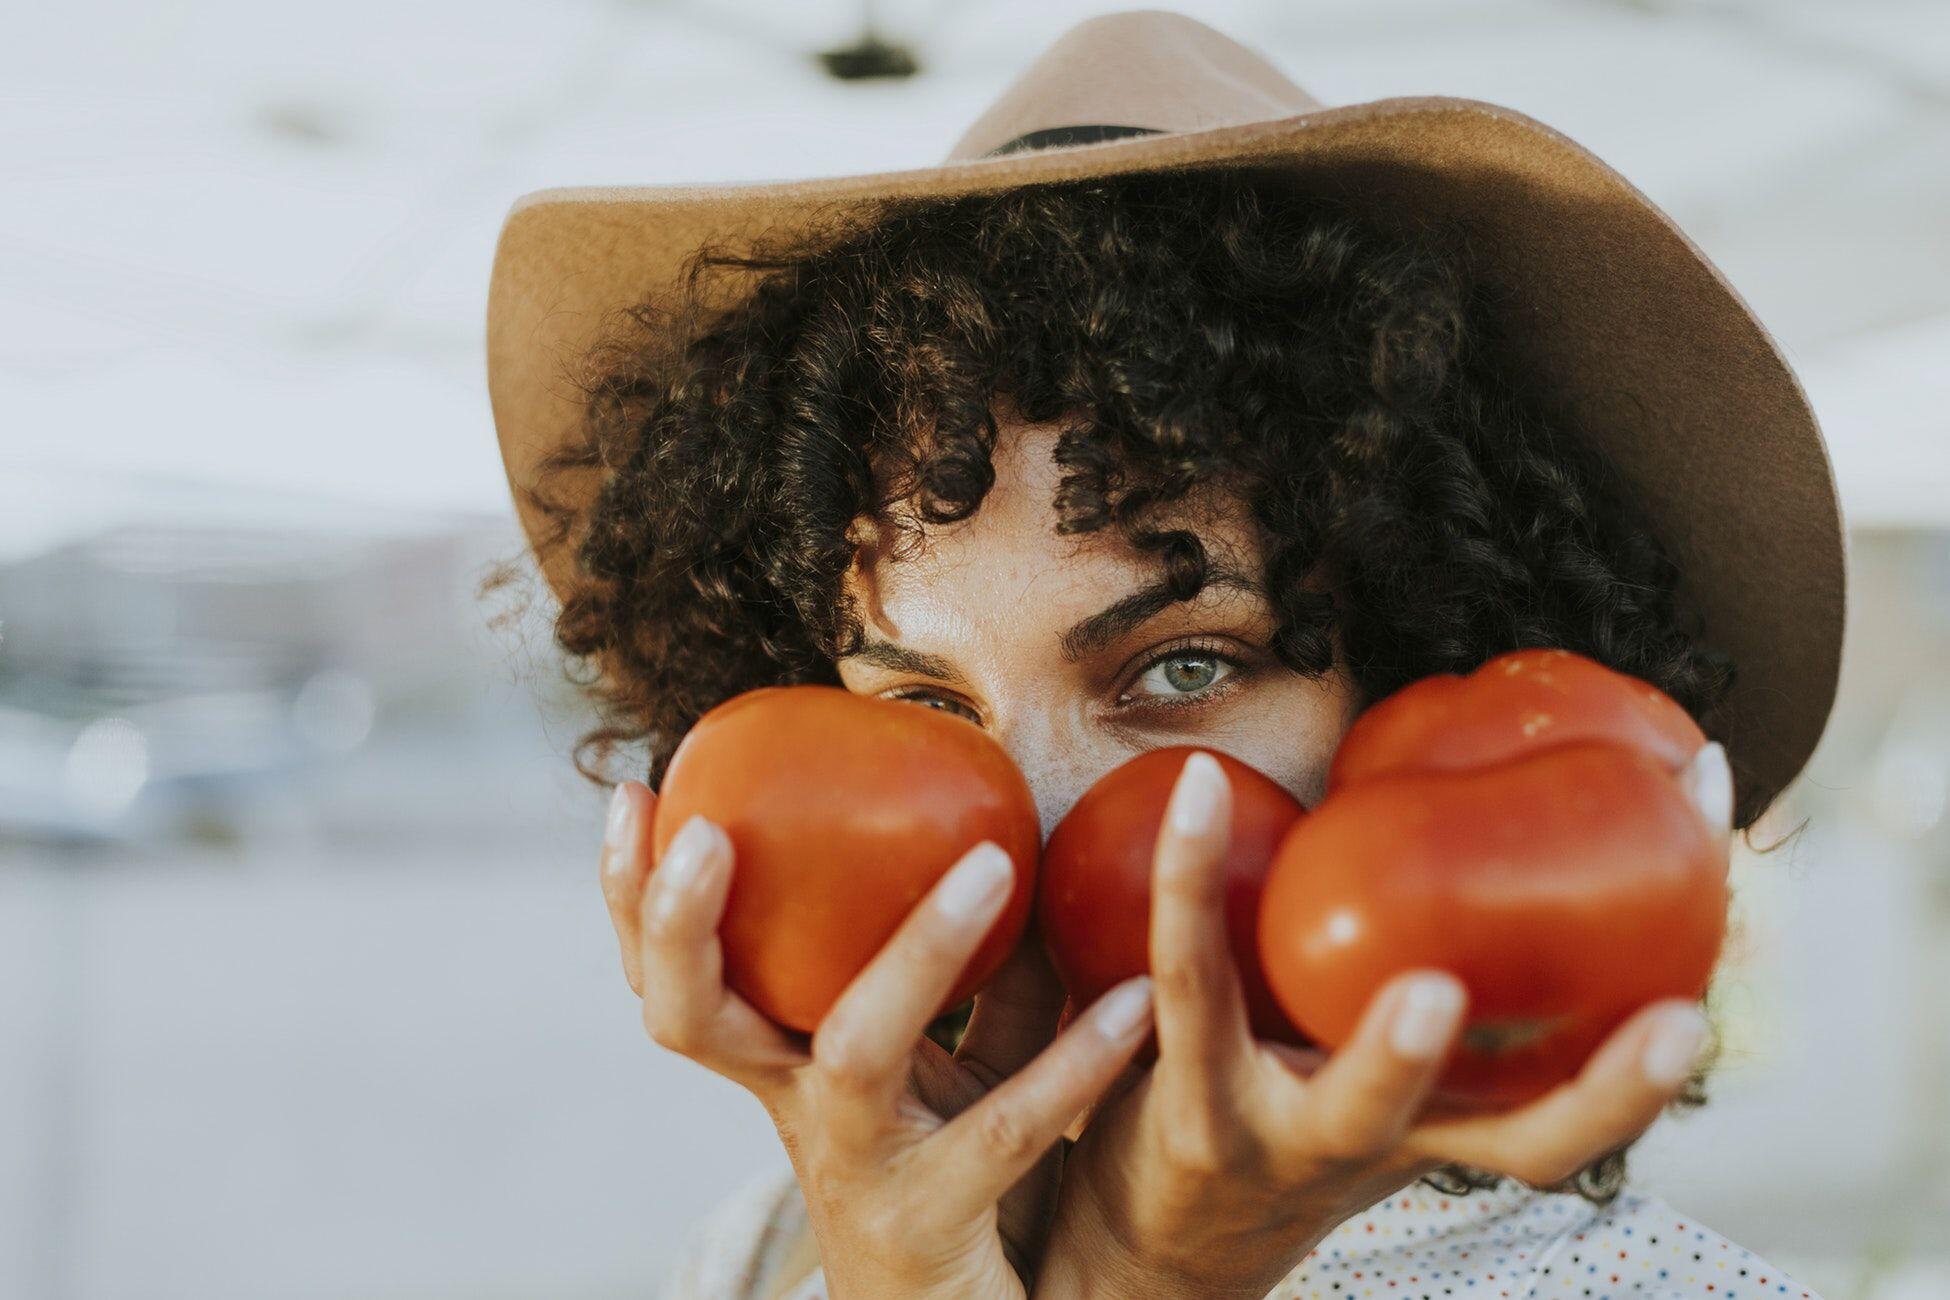 MSG Gak Bahaya, Pencinta Micin Wajib Tahu 5 Fakta Ini!